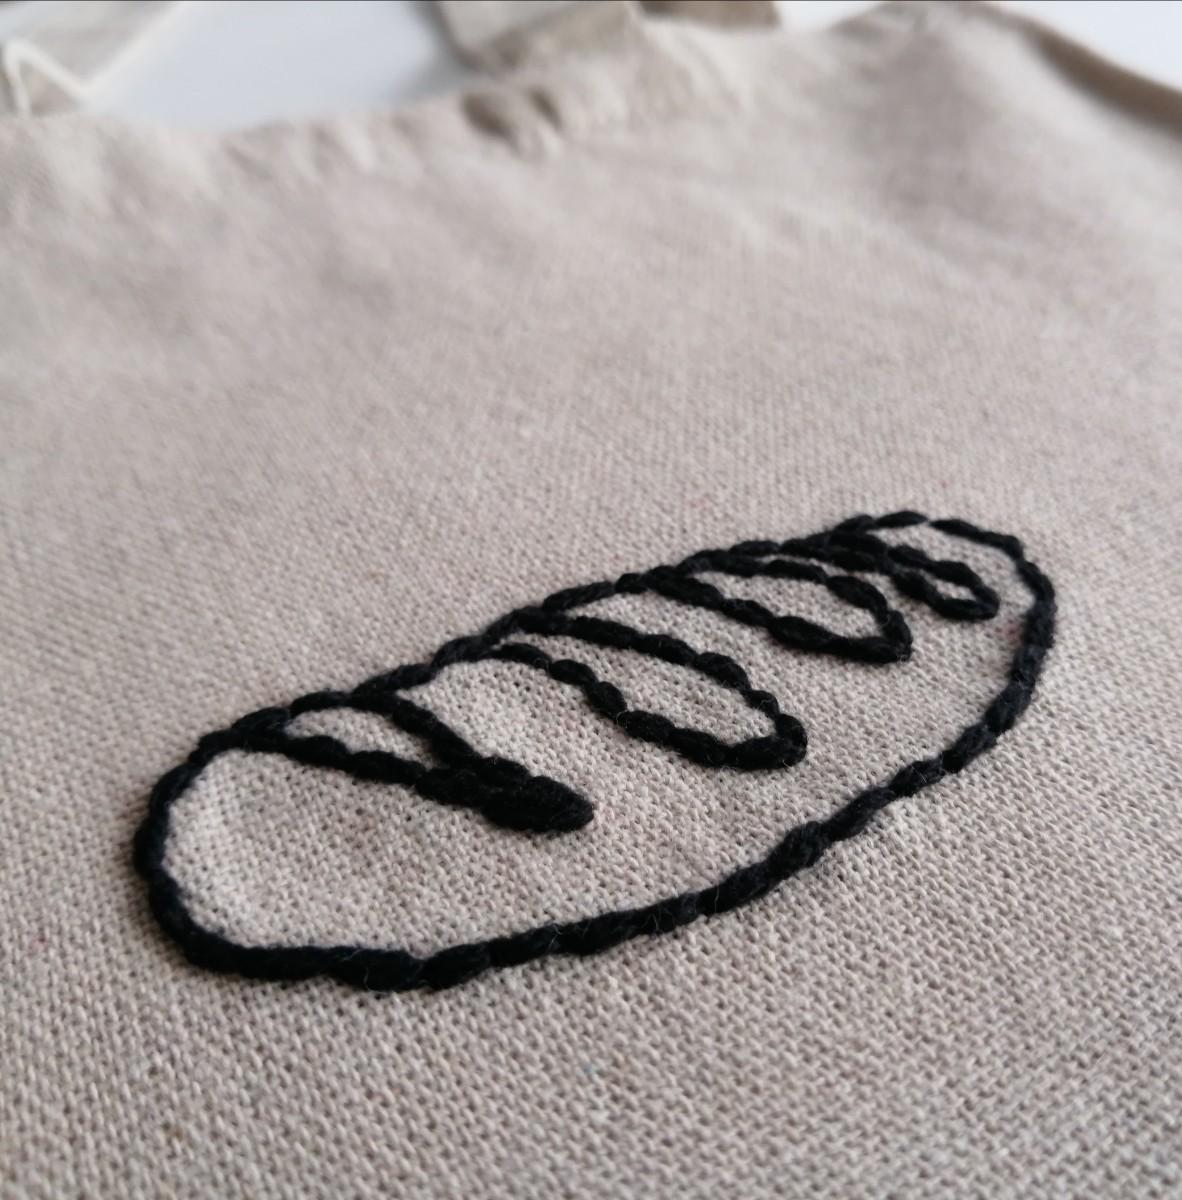 ハンドメイド 黒いパン 手縫いの刺繍 縦長トートバッグ ショルダーバッグ